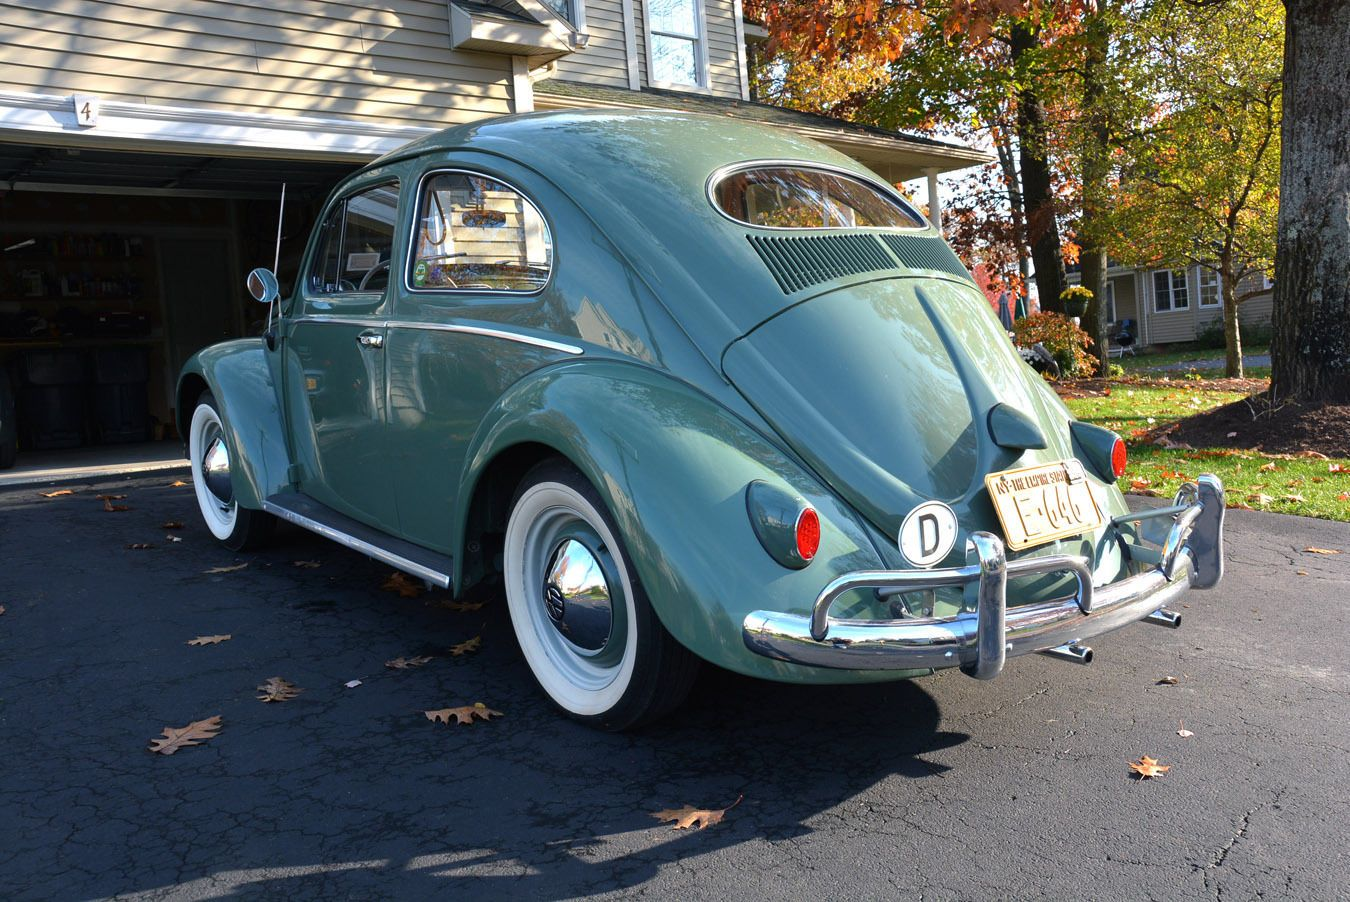 Volkswagen : Beetle - Clic 2-door | Beetles, Volkswagen and Vw